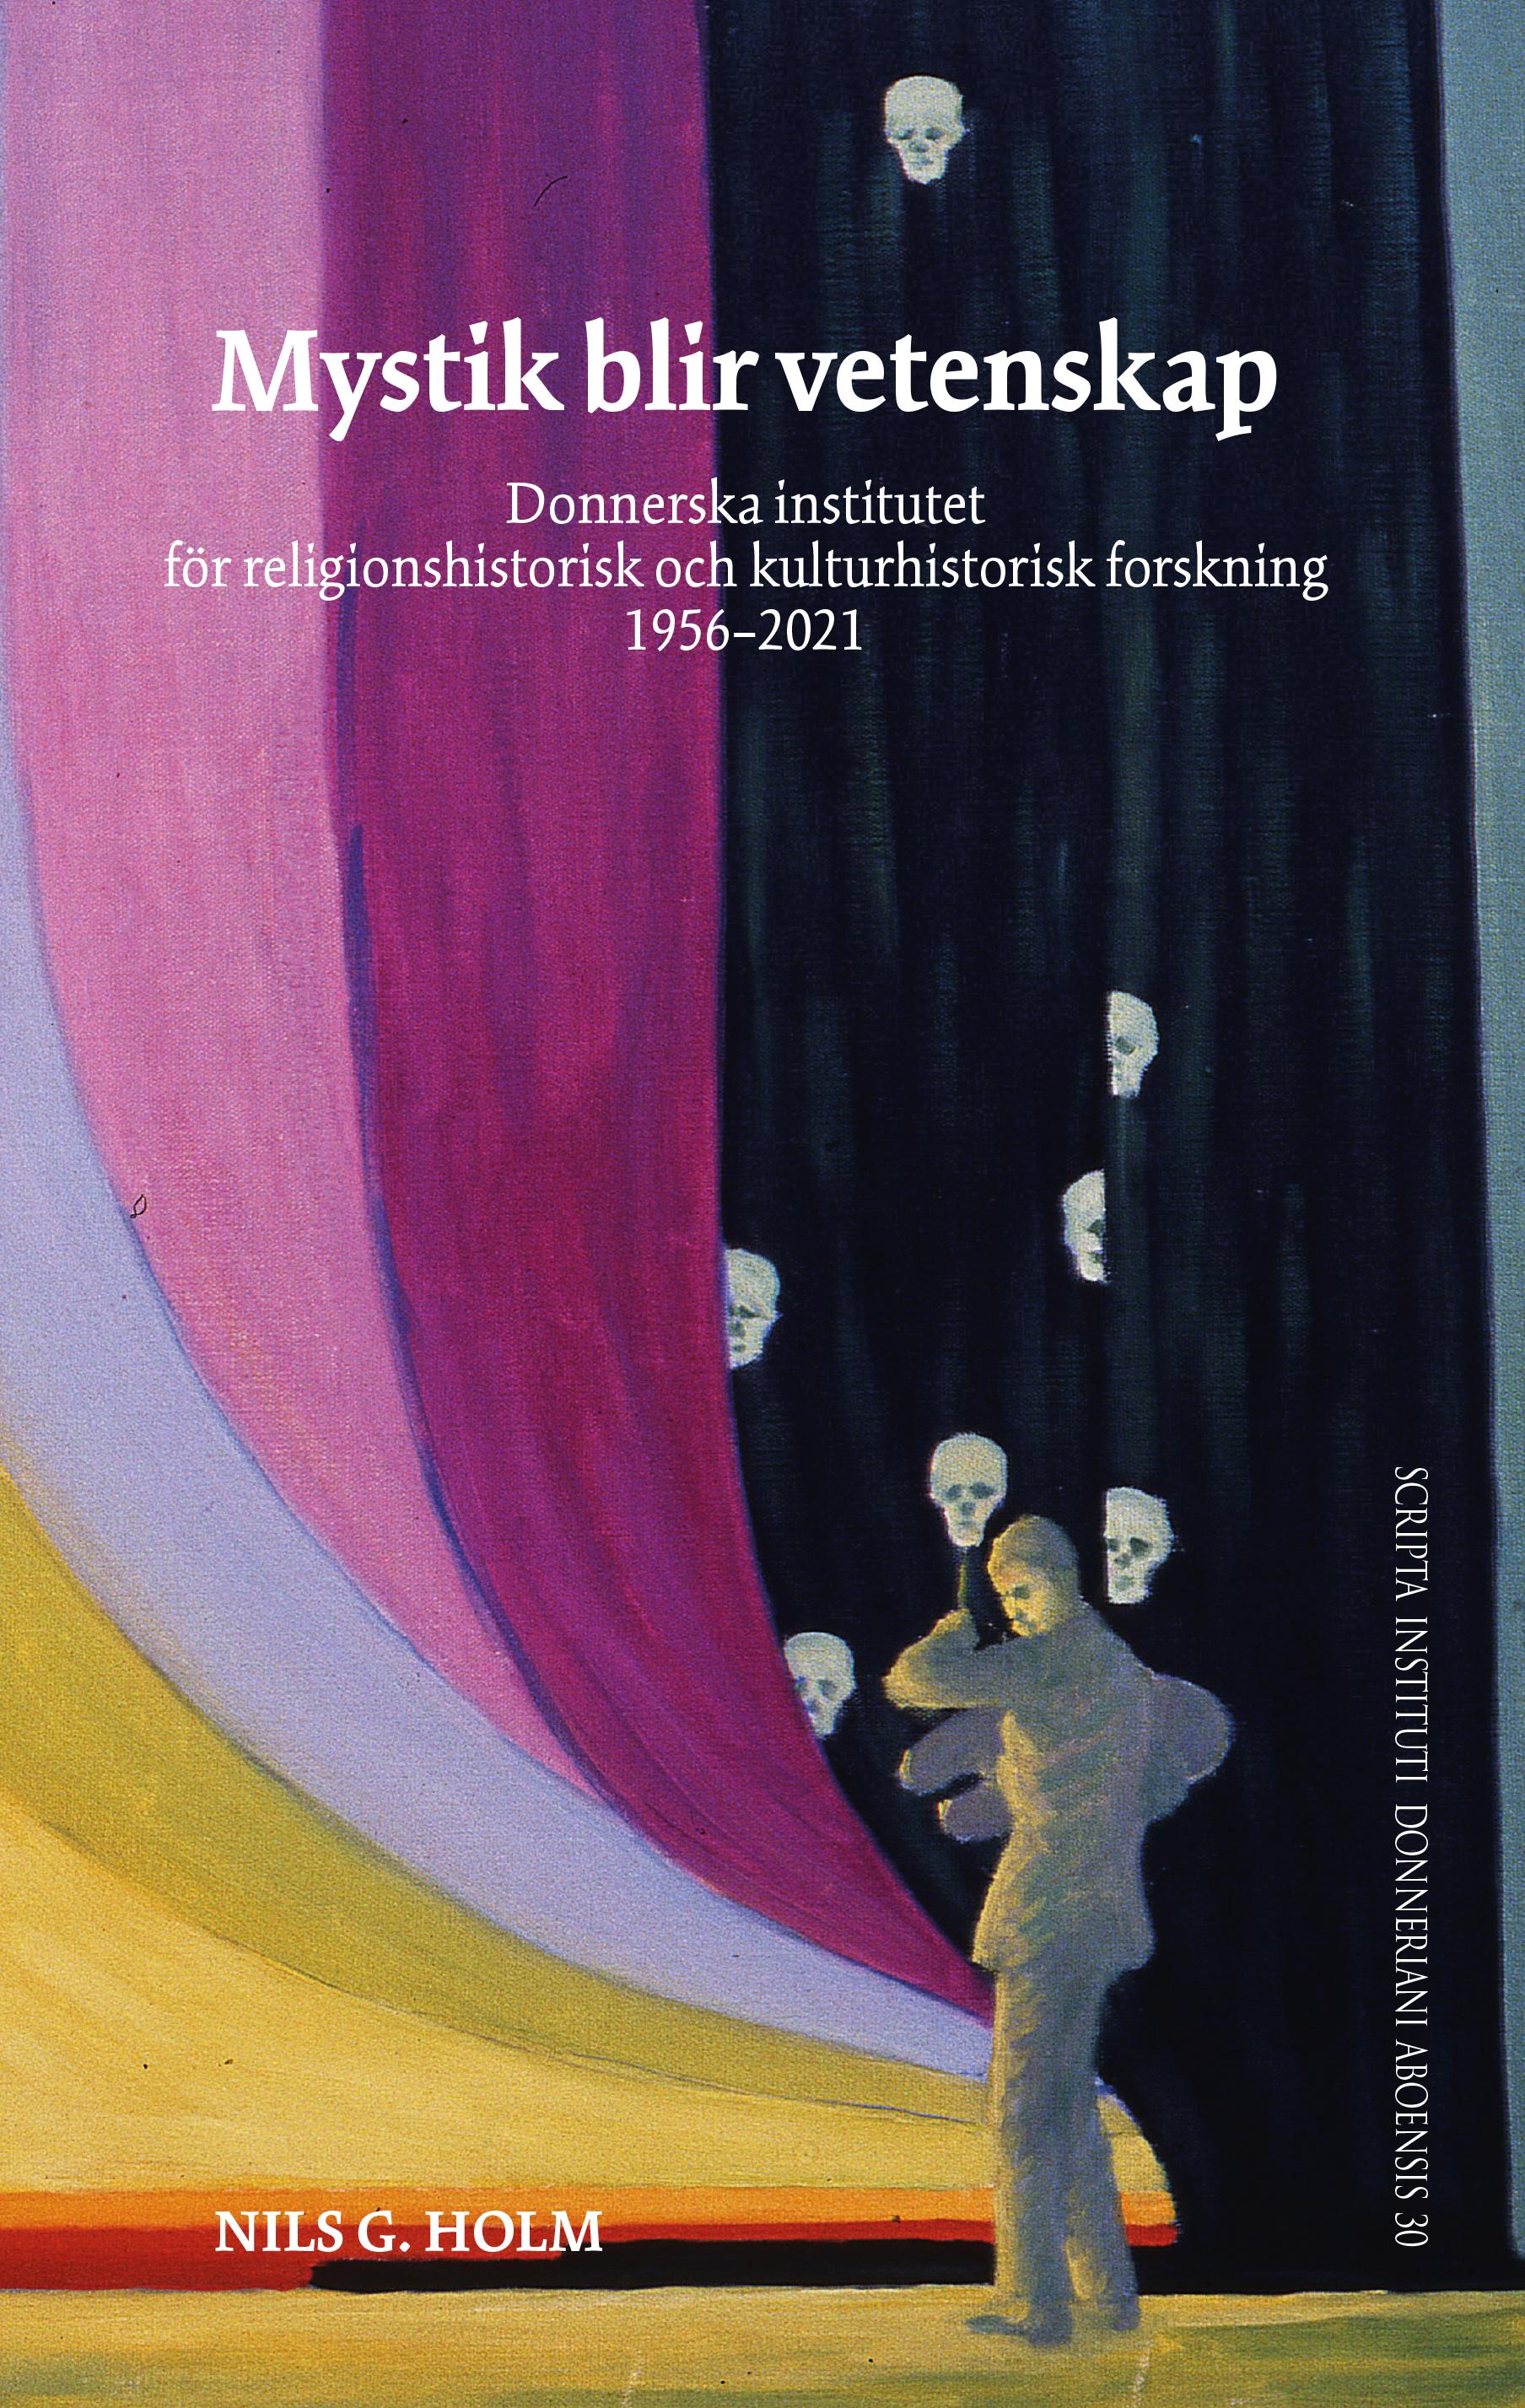 Vol 30 (2021): Mystik blir vetenskap: Donnerska institutet för religionshistorisk och kulturhistorisk forskning 1956–2021